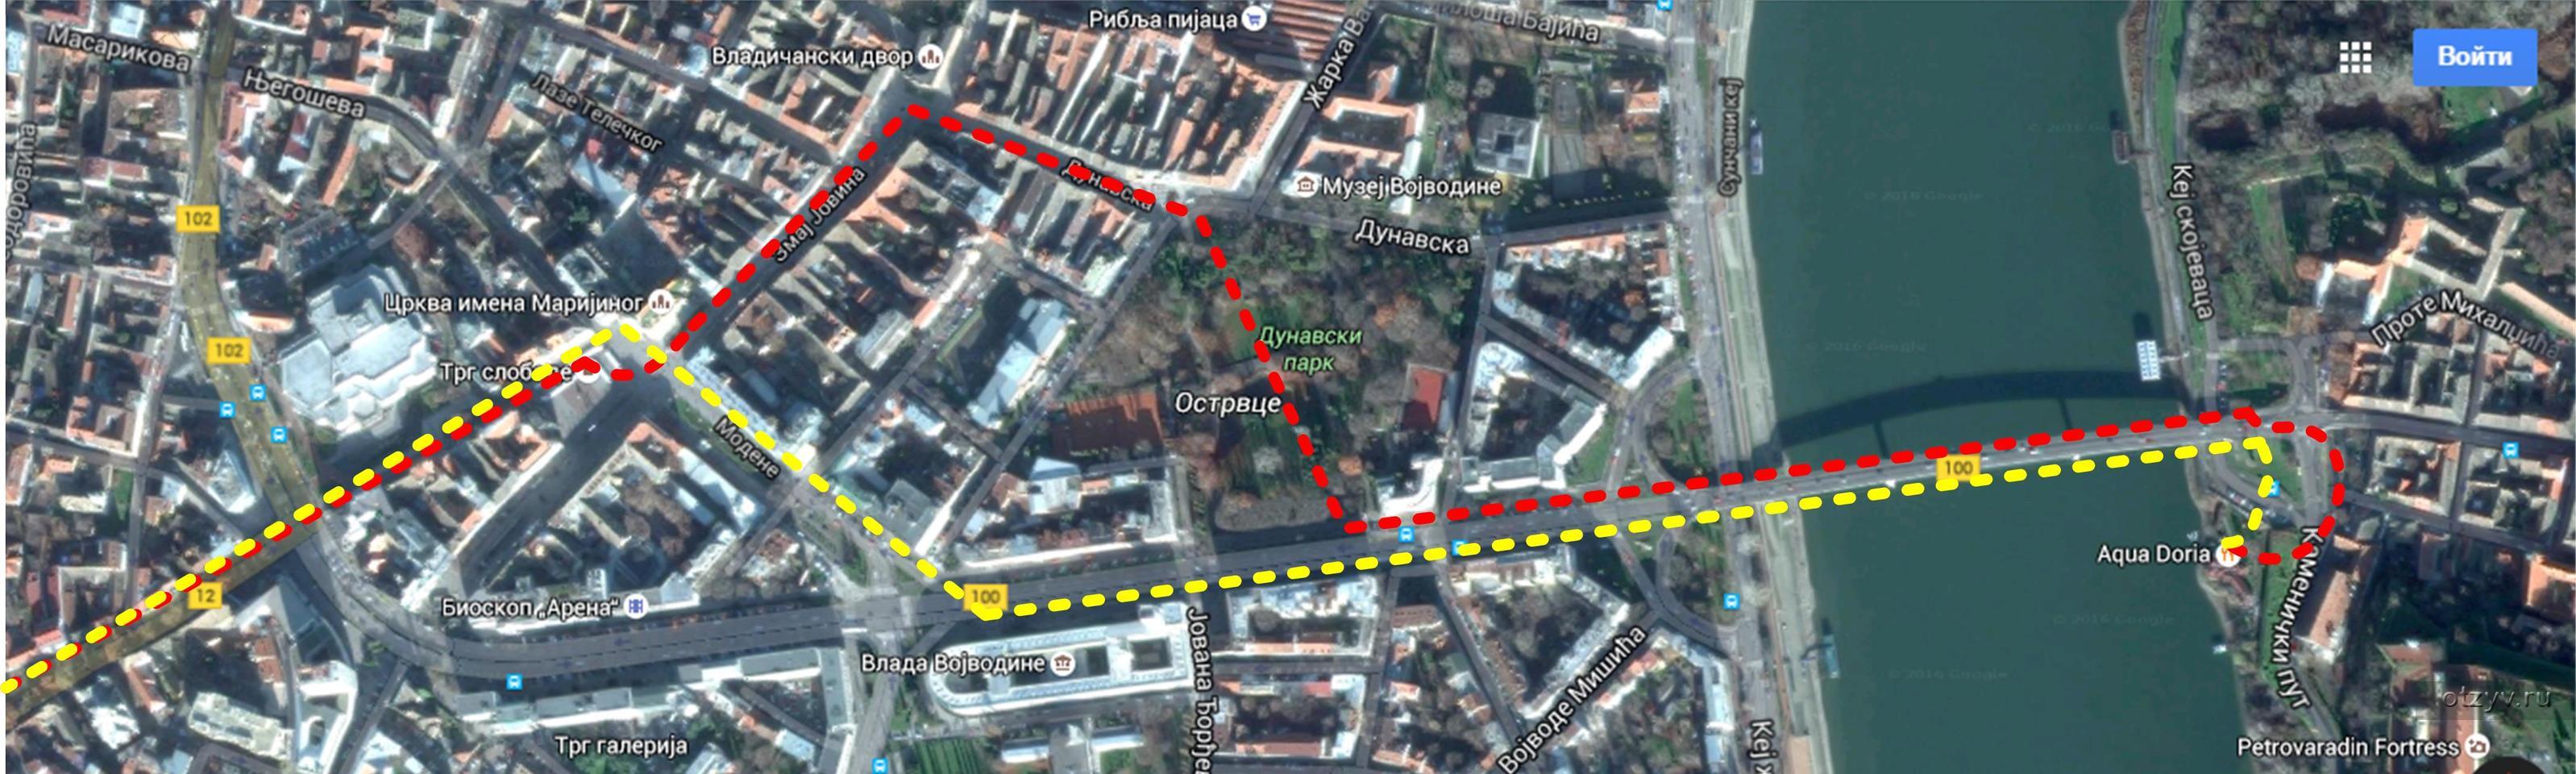 схема радаров на минском шоссе